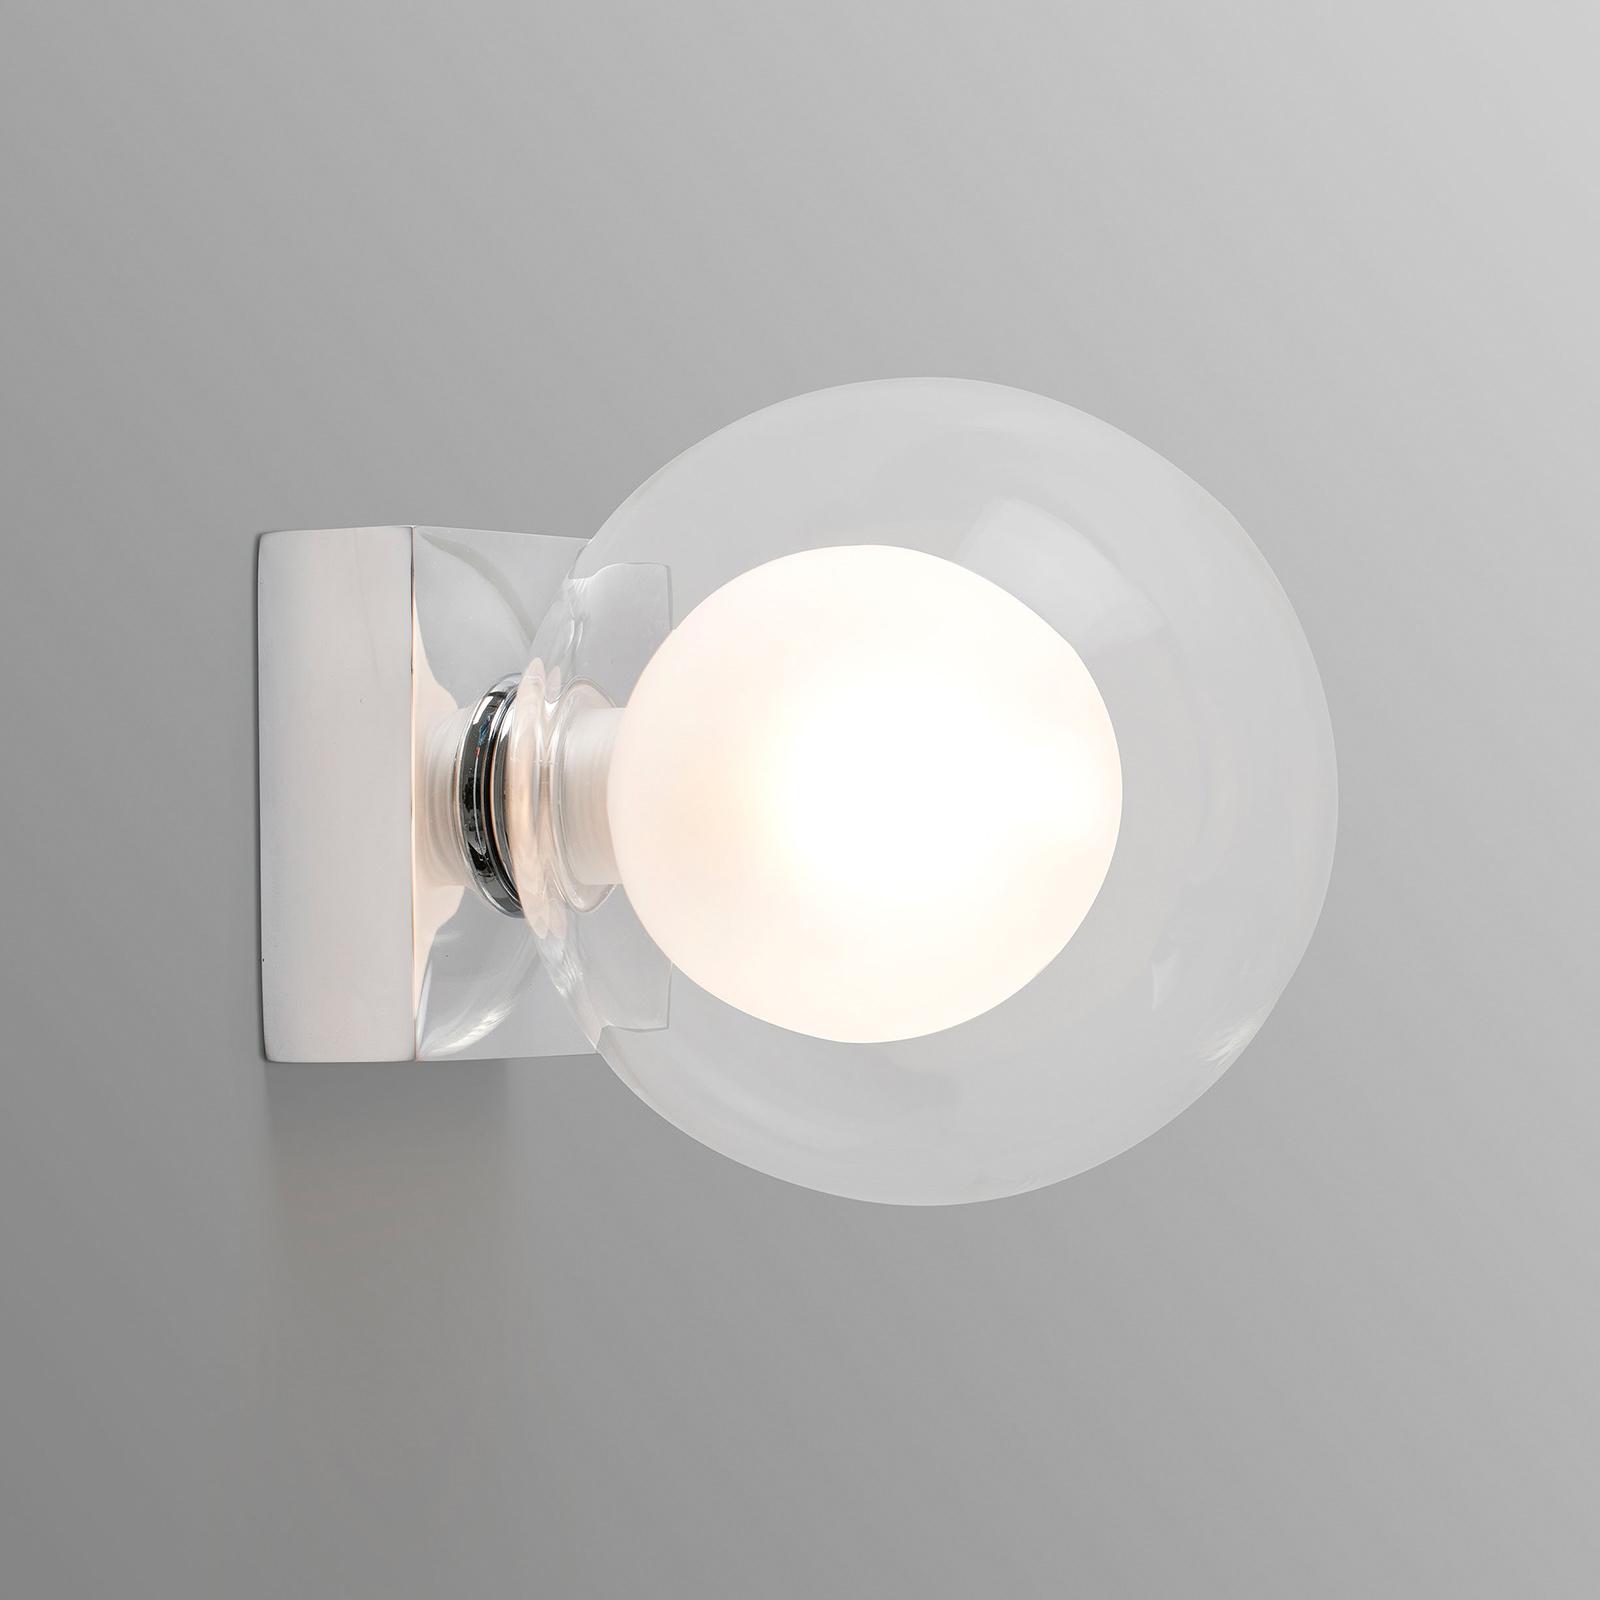 Vägglampa Perla, krom